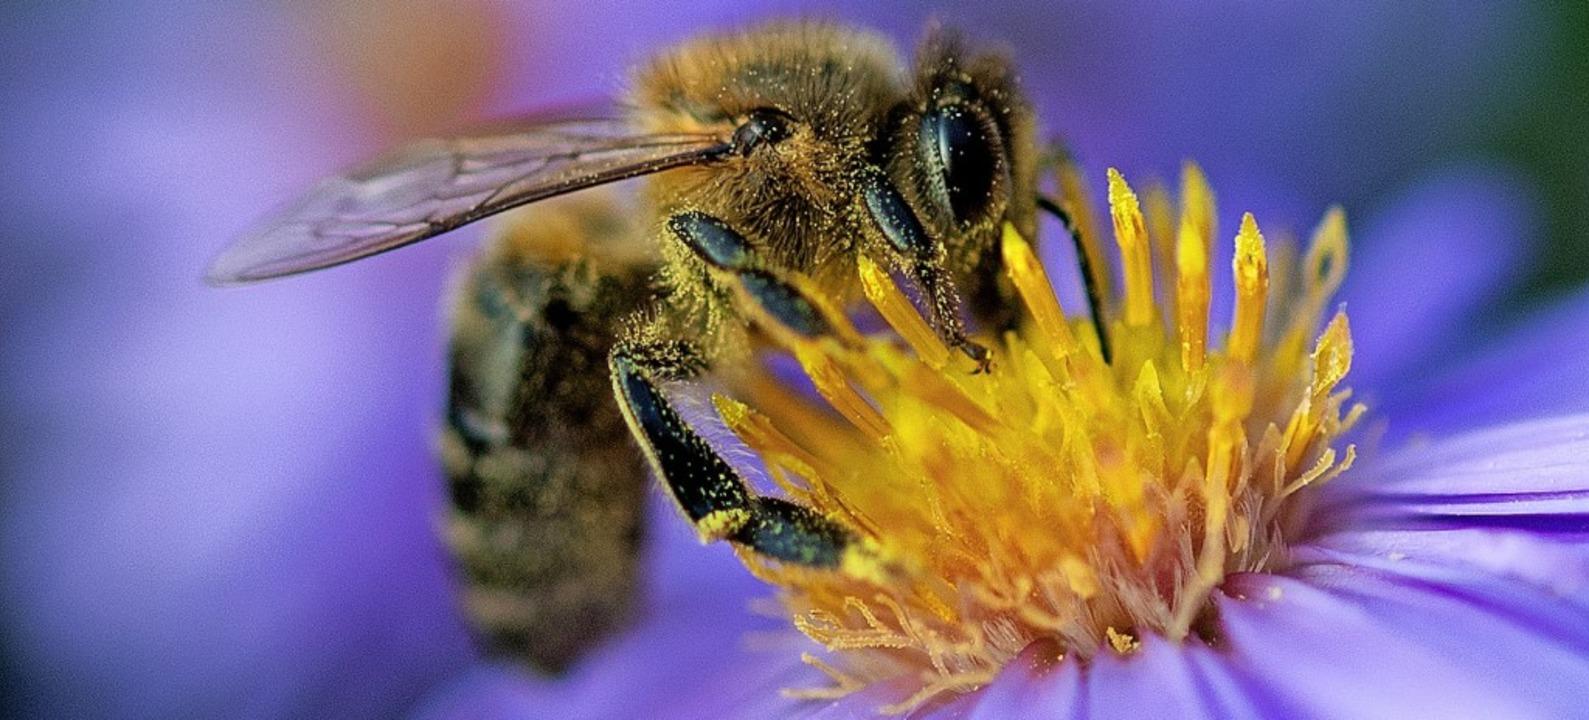 Rund um Wehr gibt es eher wenig Wildbienen, dafür aber viele Wespen.    Foto: Monika Skolimowska